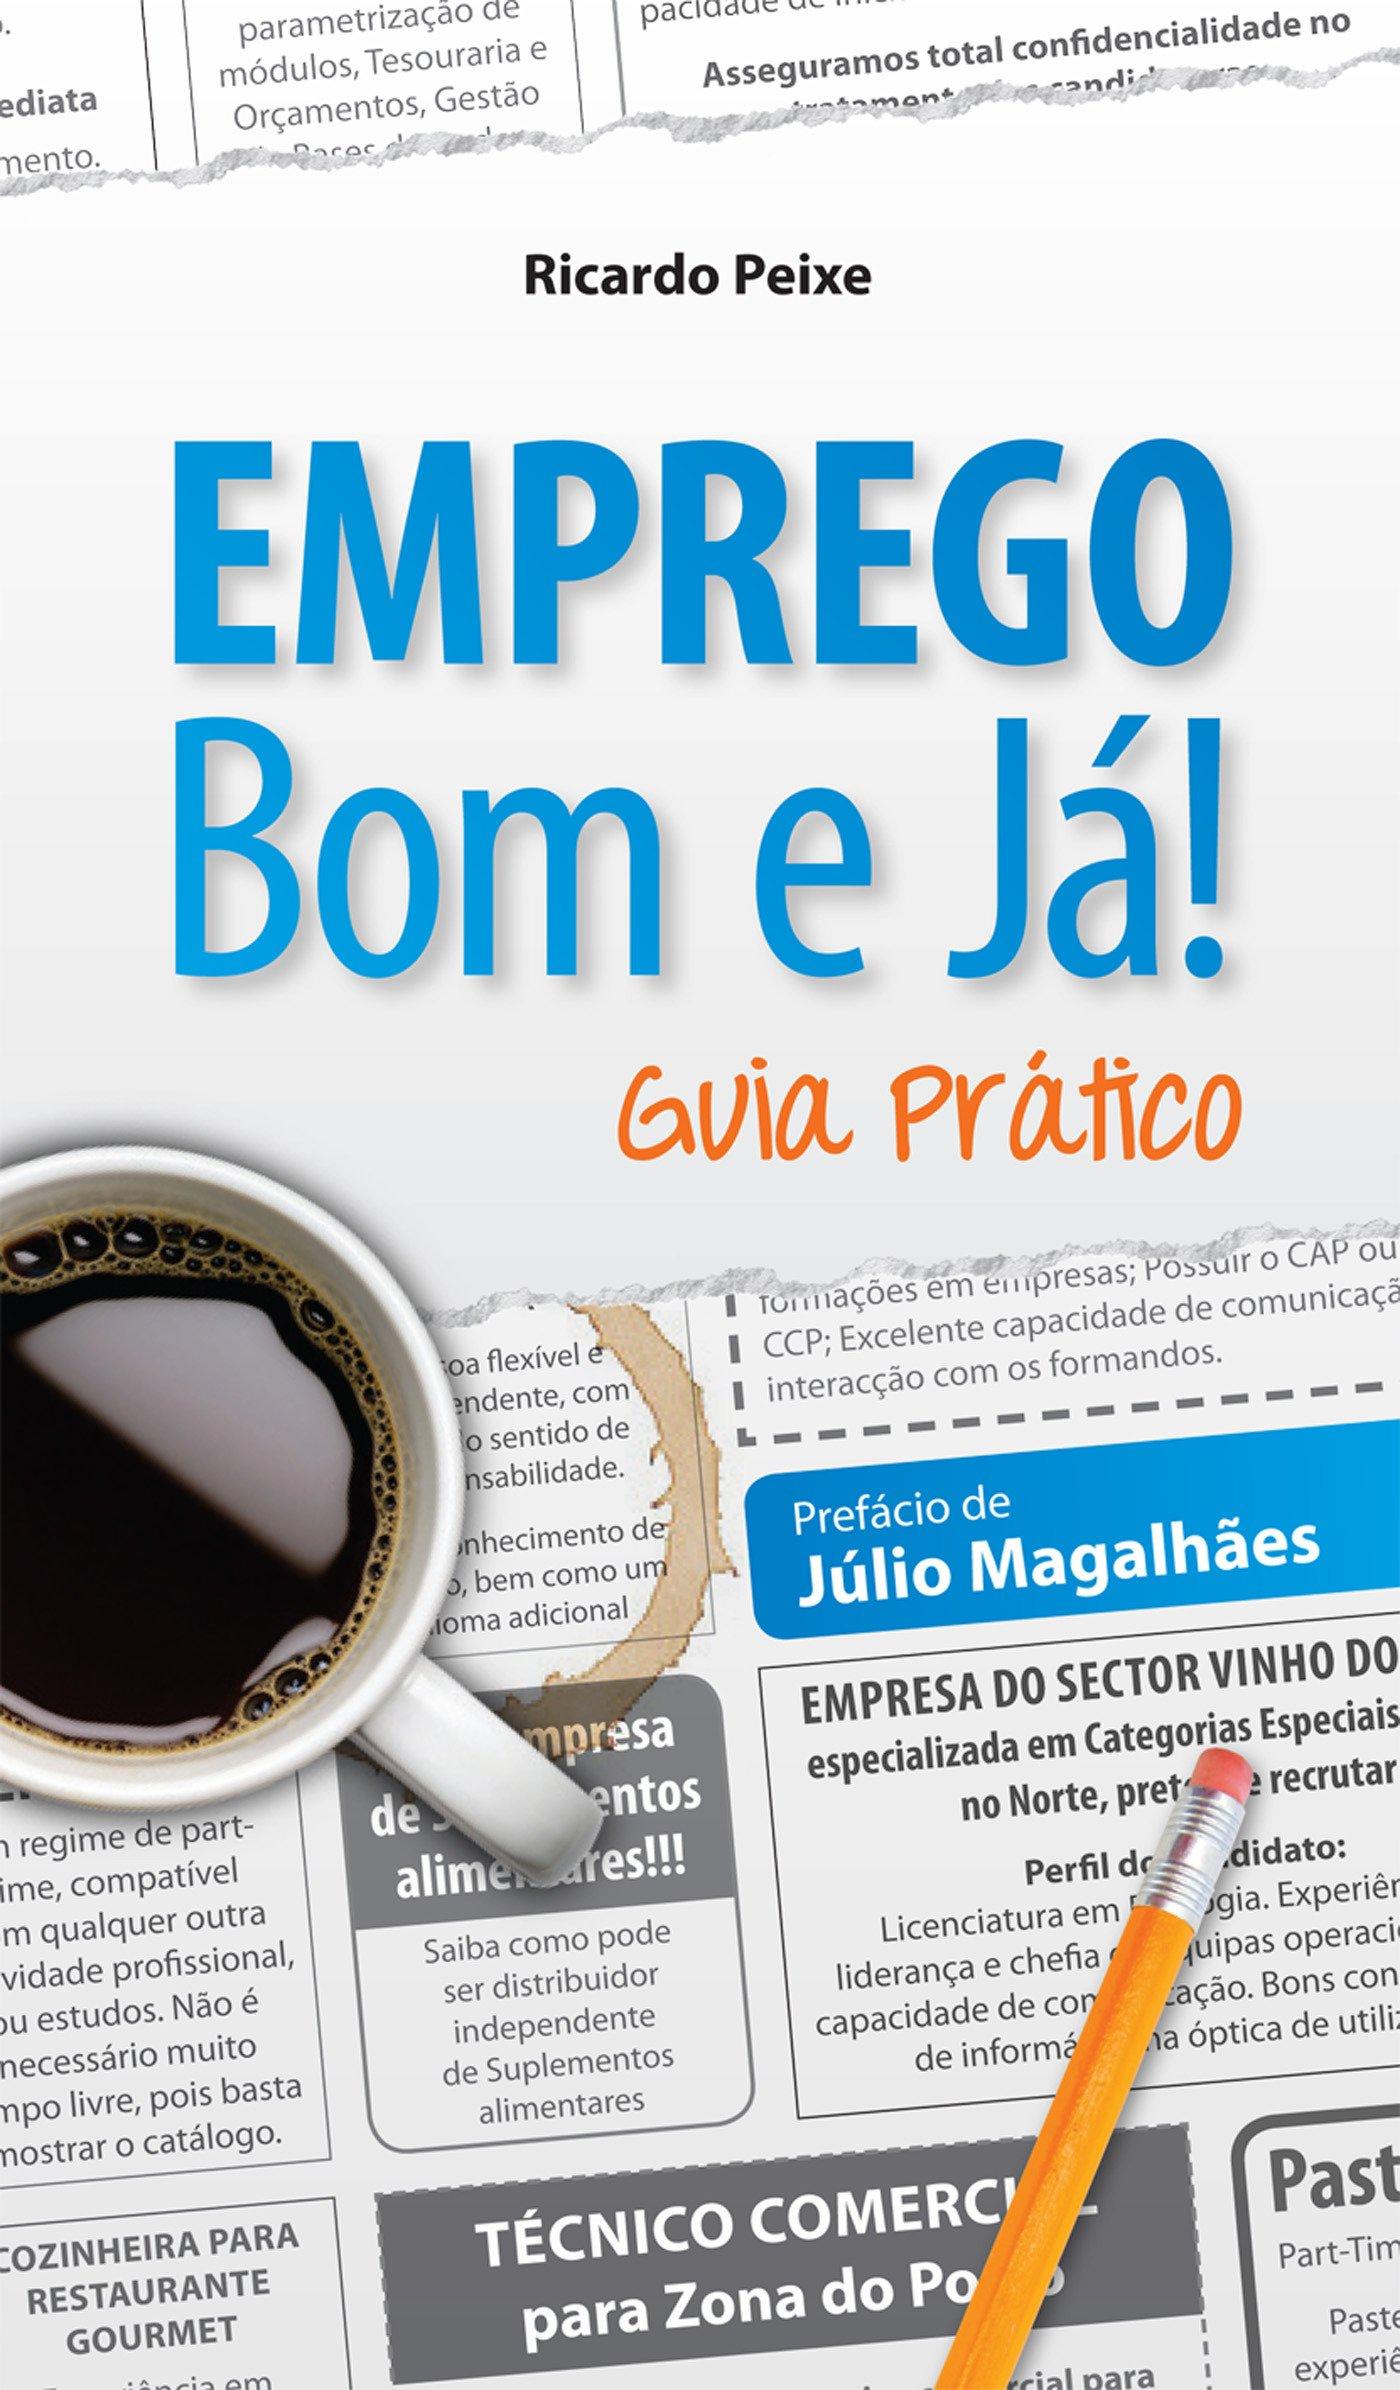 Emprego bom e já!: Guia Prático (Portuguese Edition)